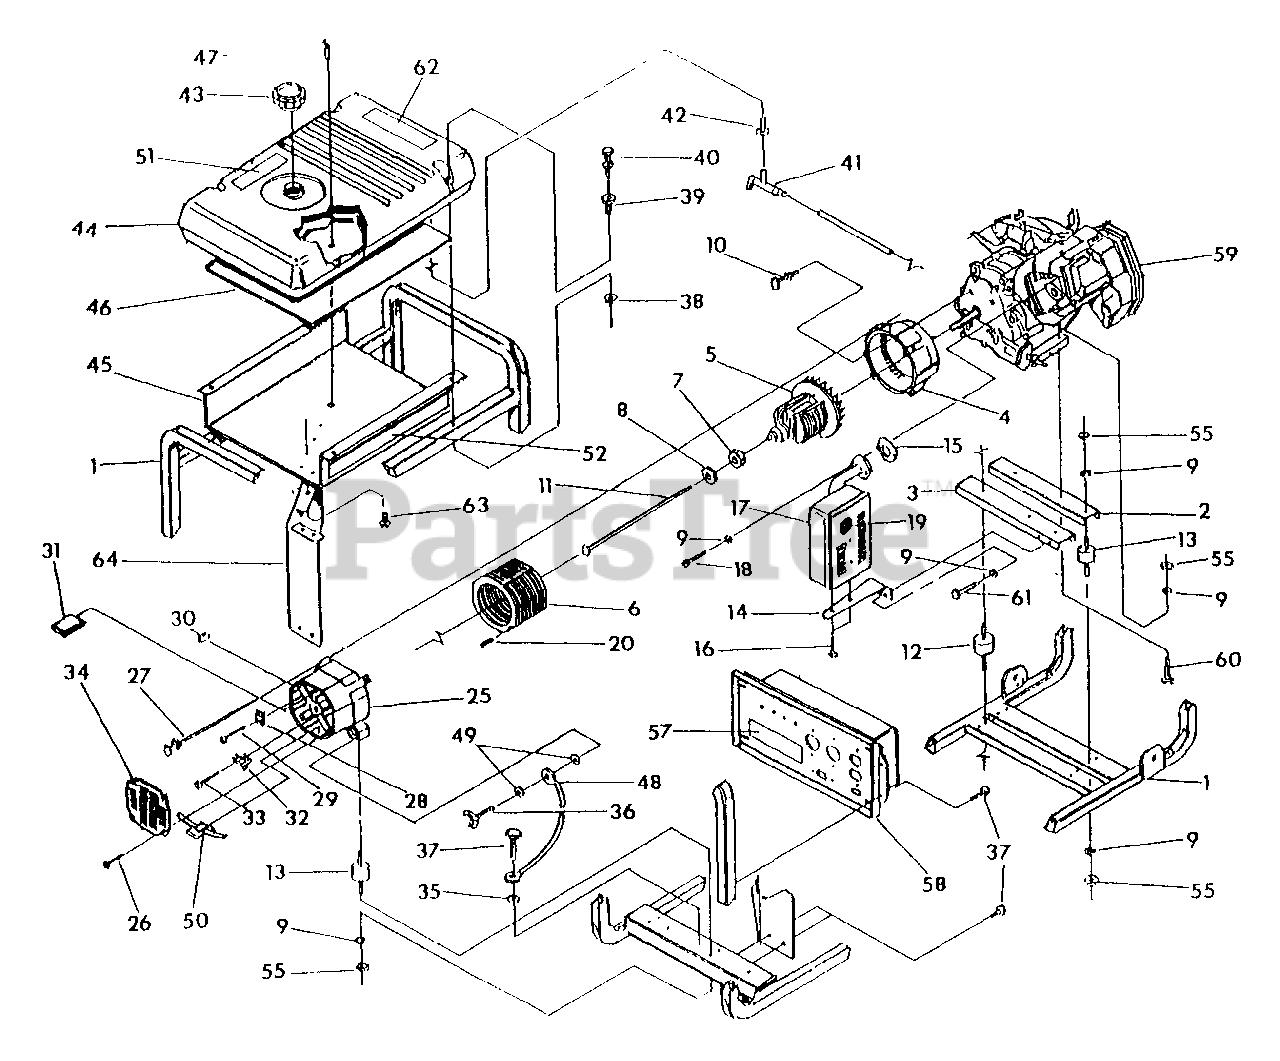 Generac 4